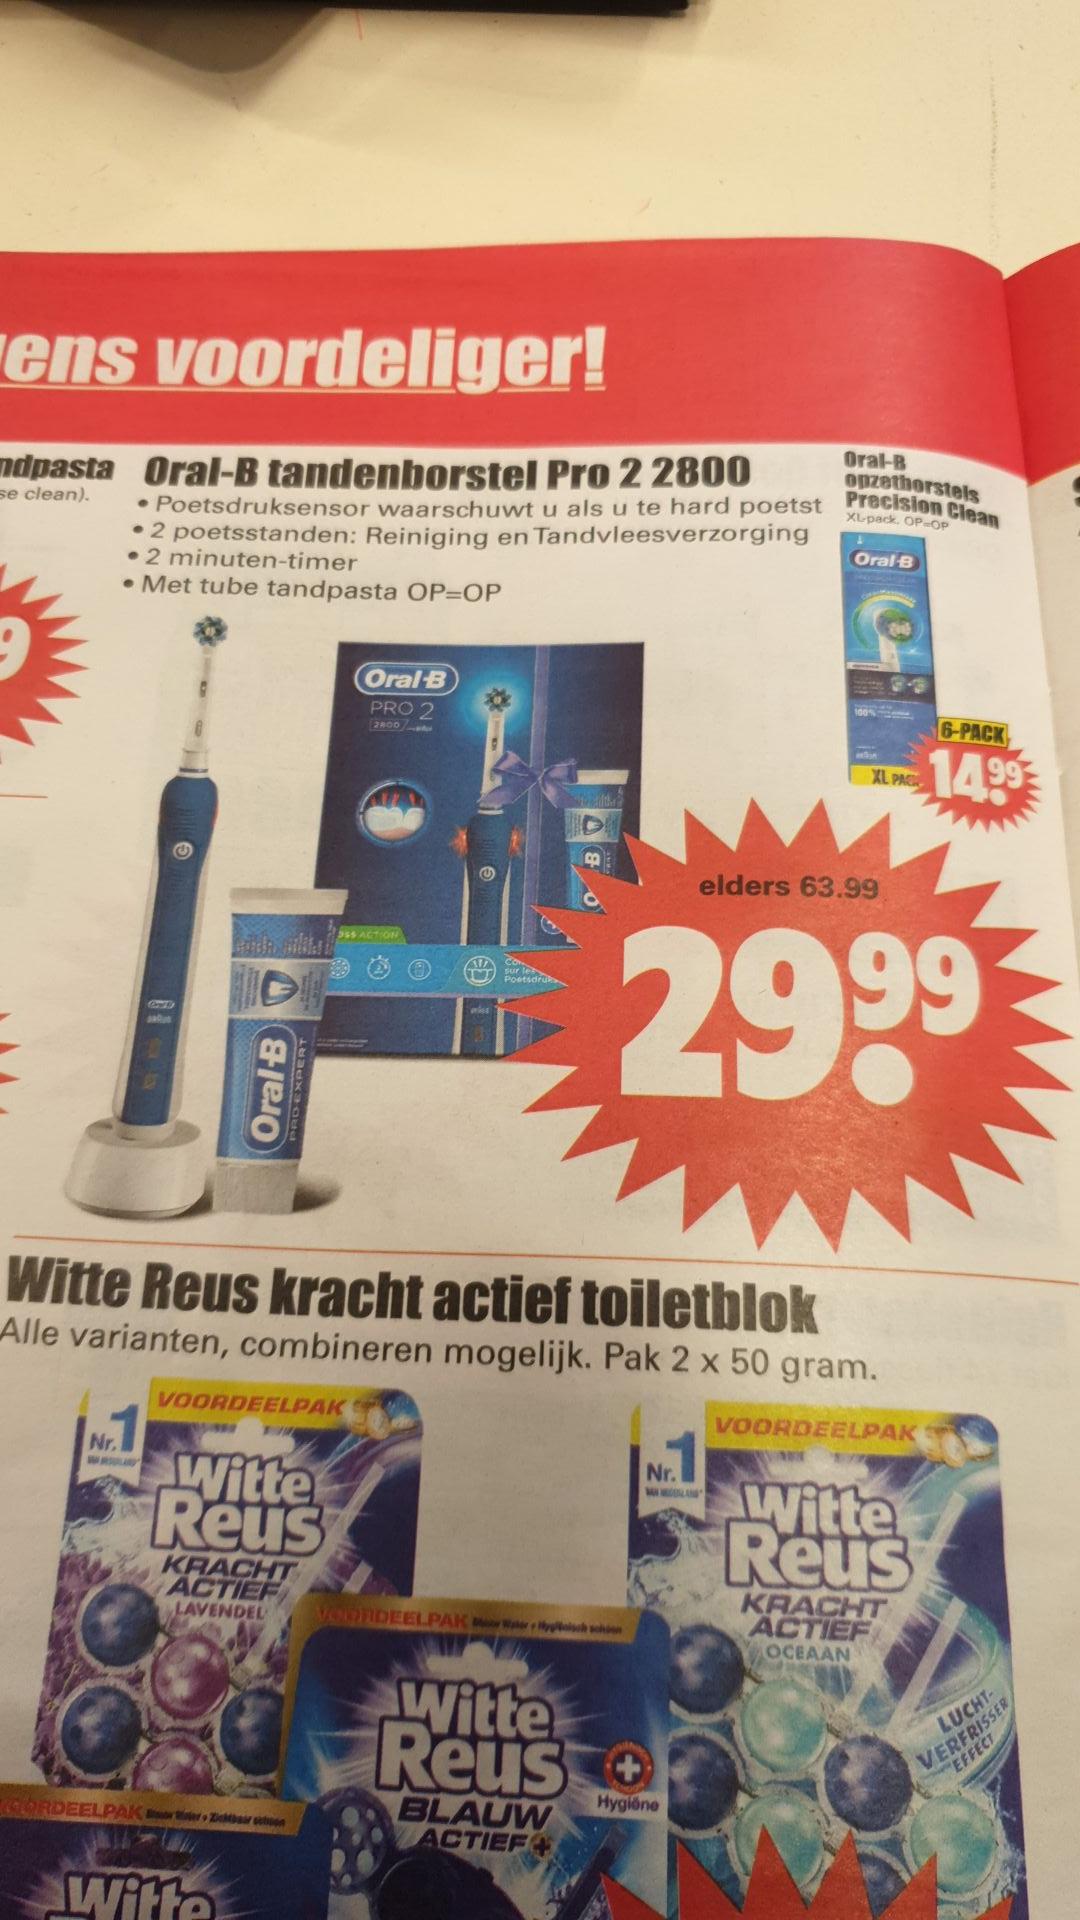 Oral b pro 2 2800 elektrische tandenborstel